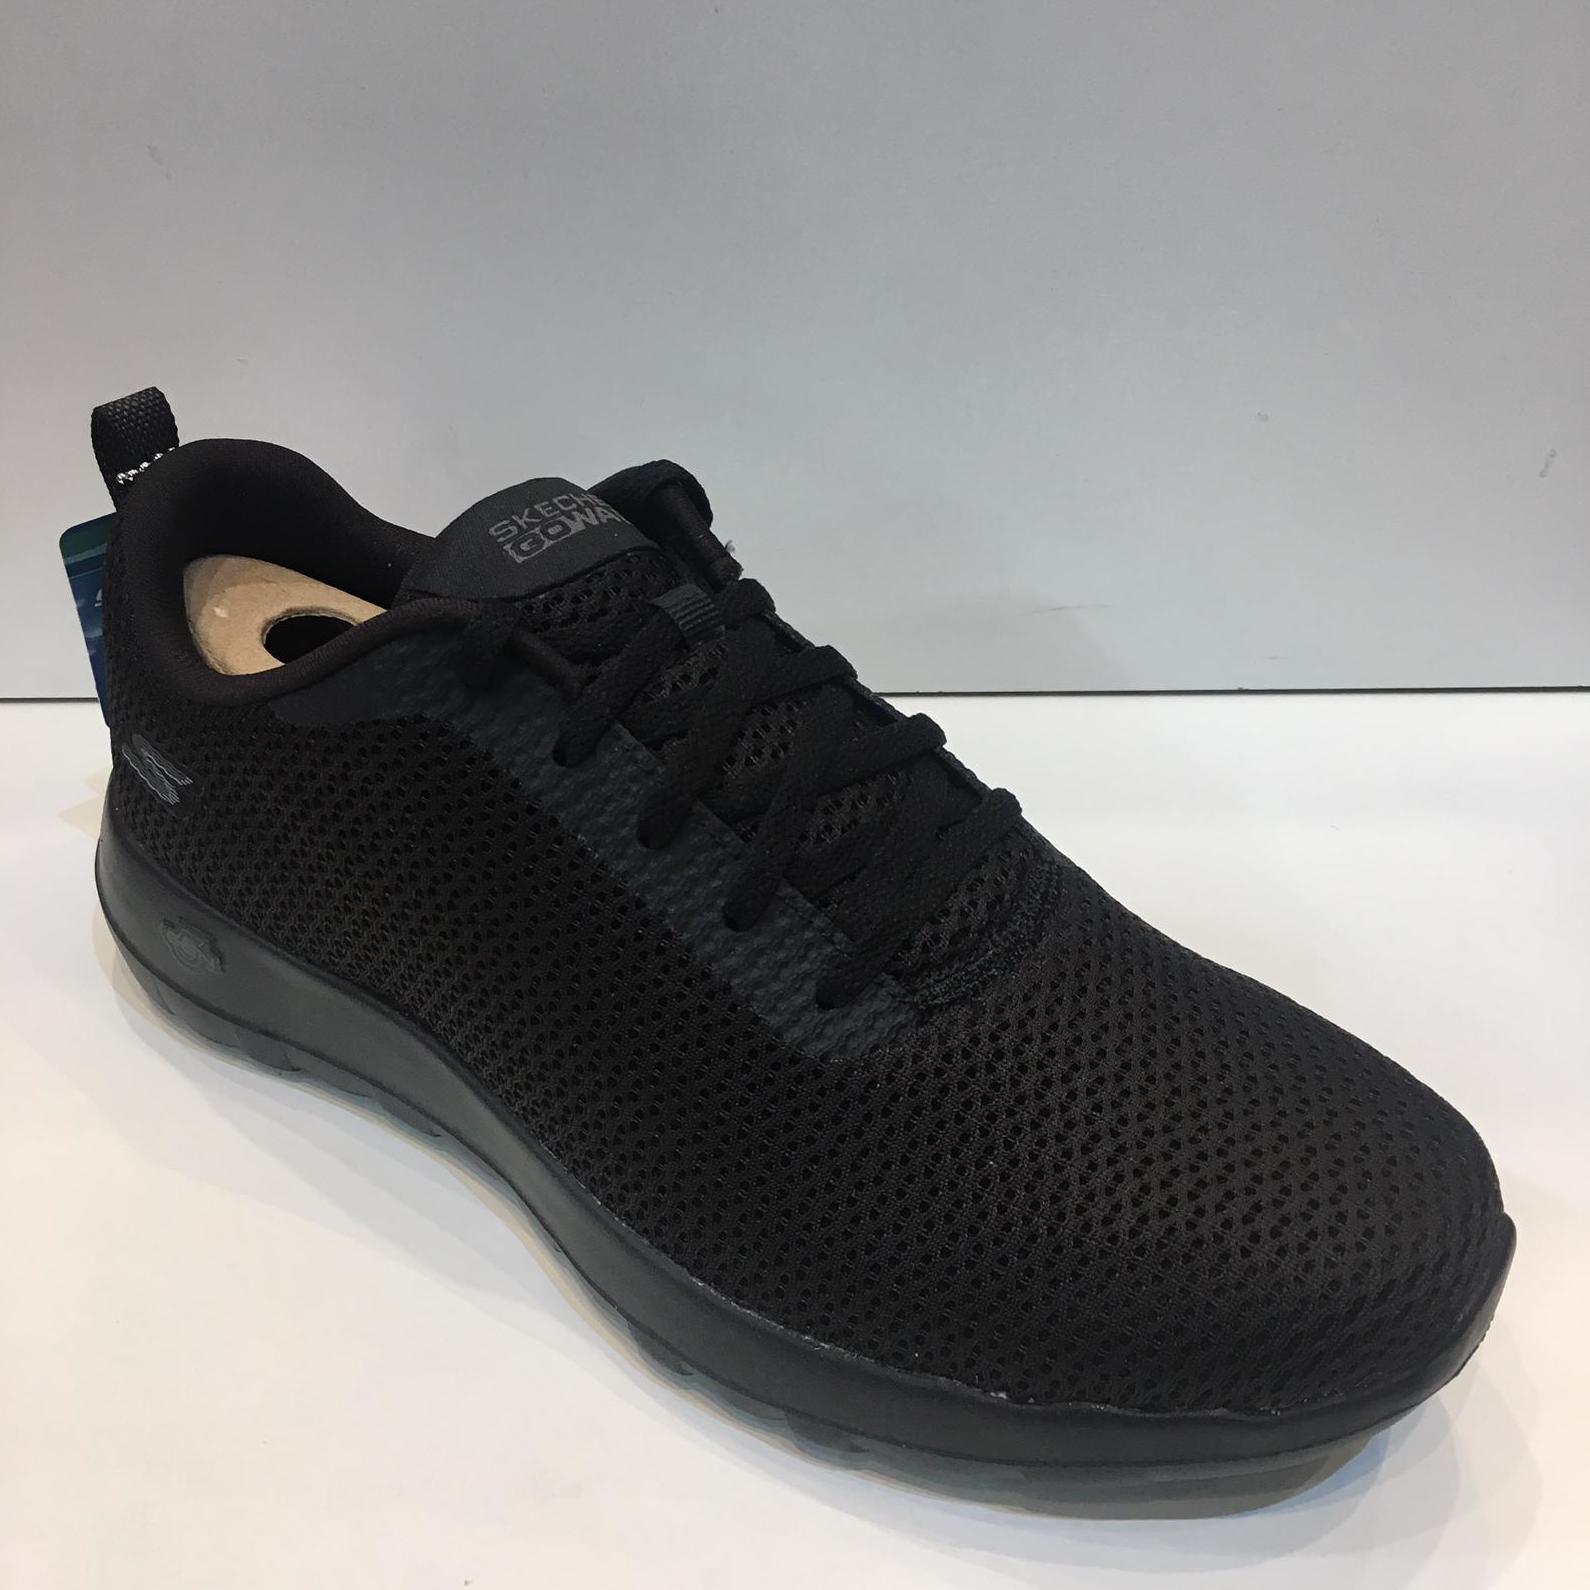 Sabata esportiva d'home, de la marca Skechers, plantilla Goga Max, sola de resalite Go Walk 5 Gen 59.95€